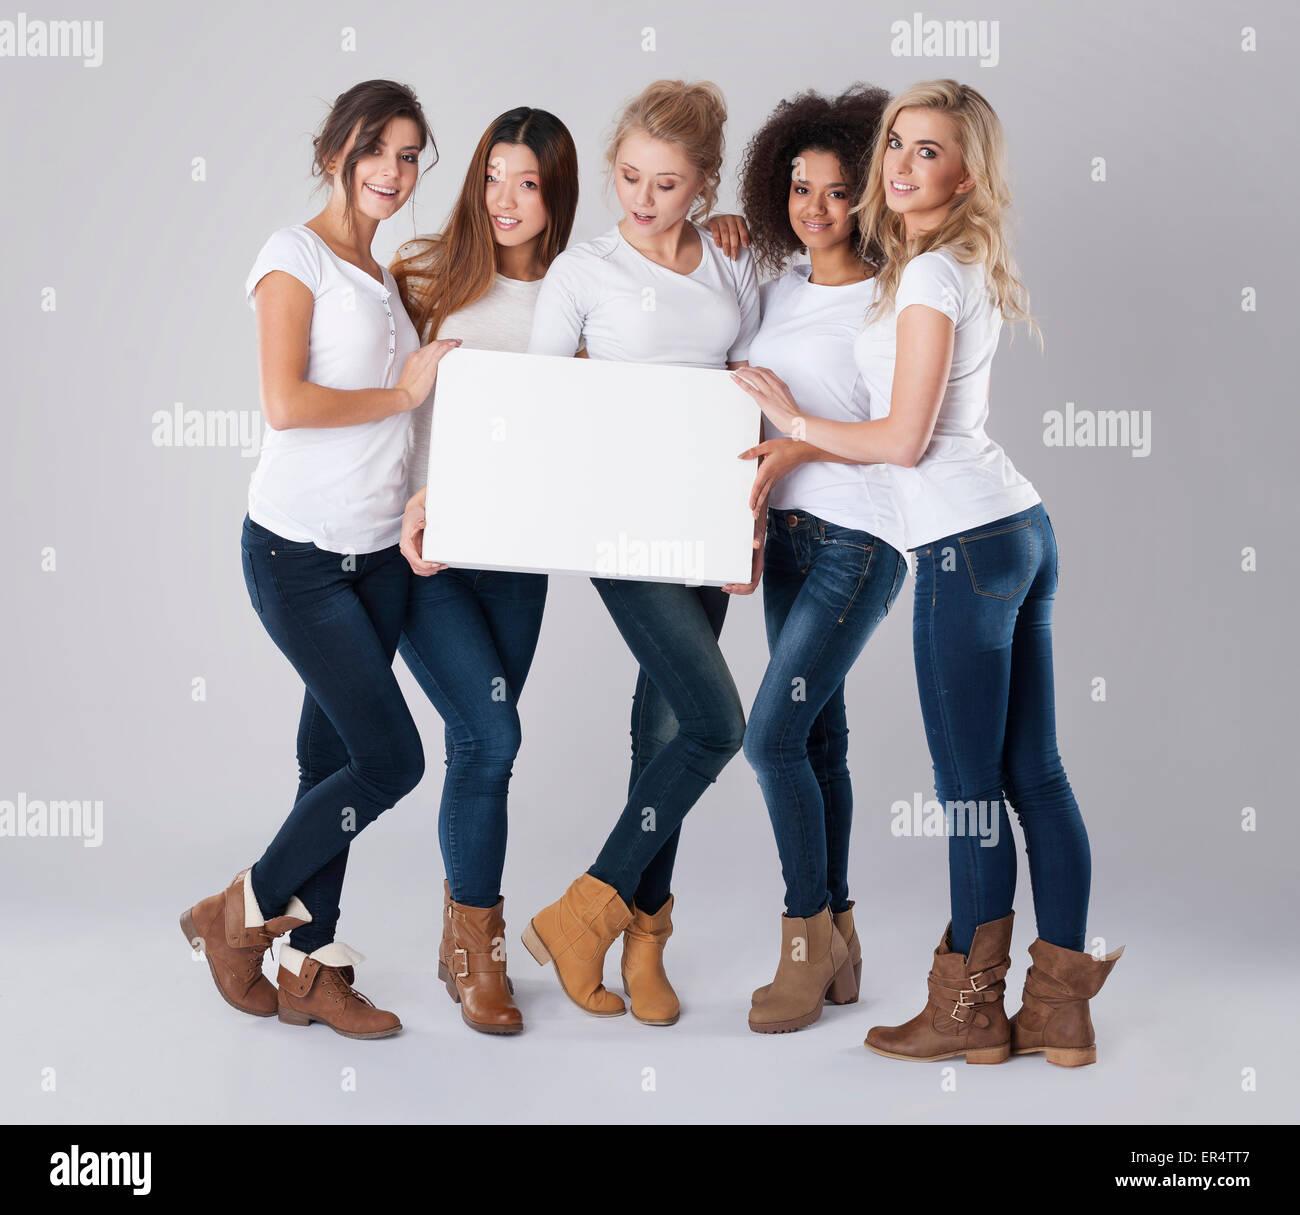 Las niñas con banner vacía en blanco. Debica, Polonia Imagen De Stock